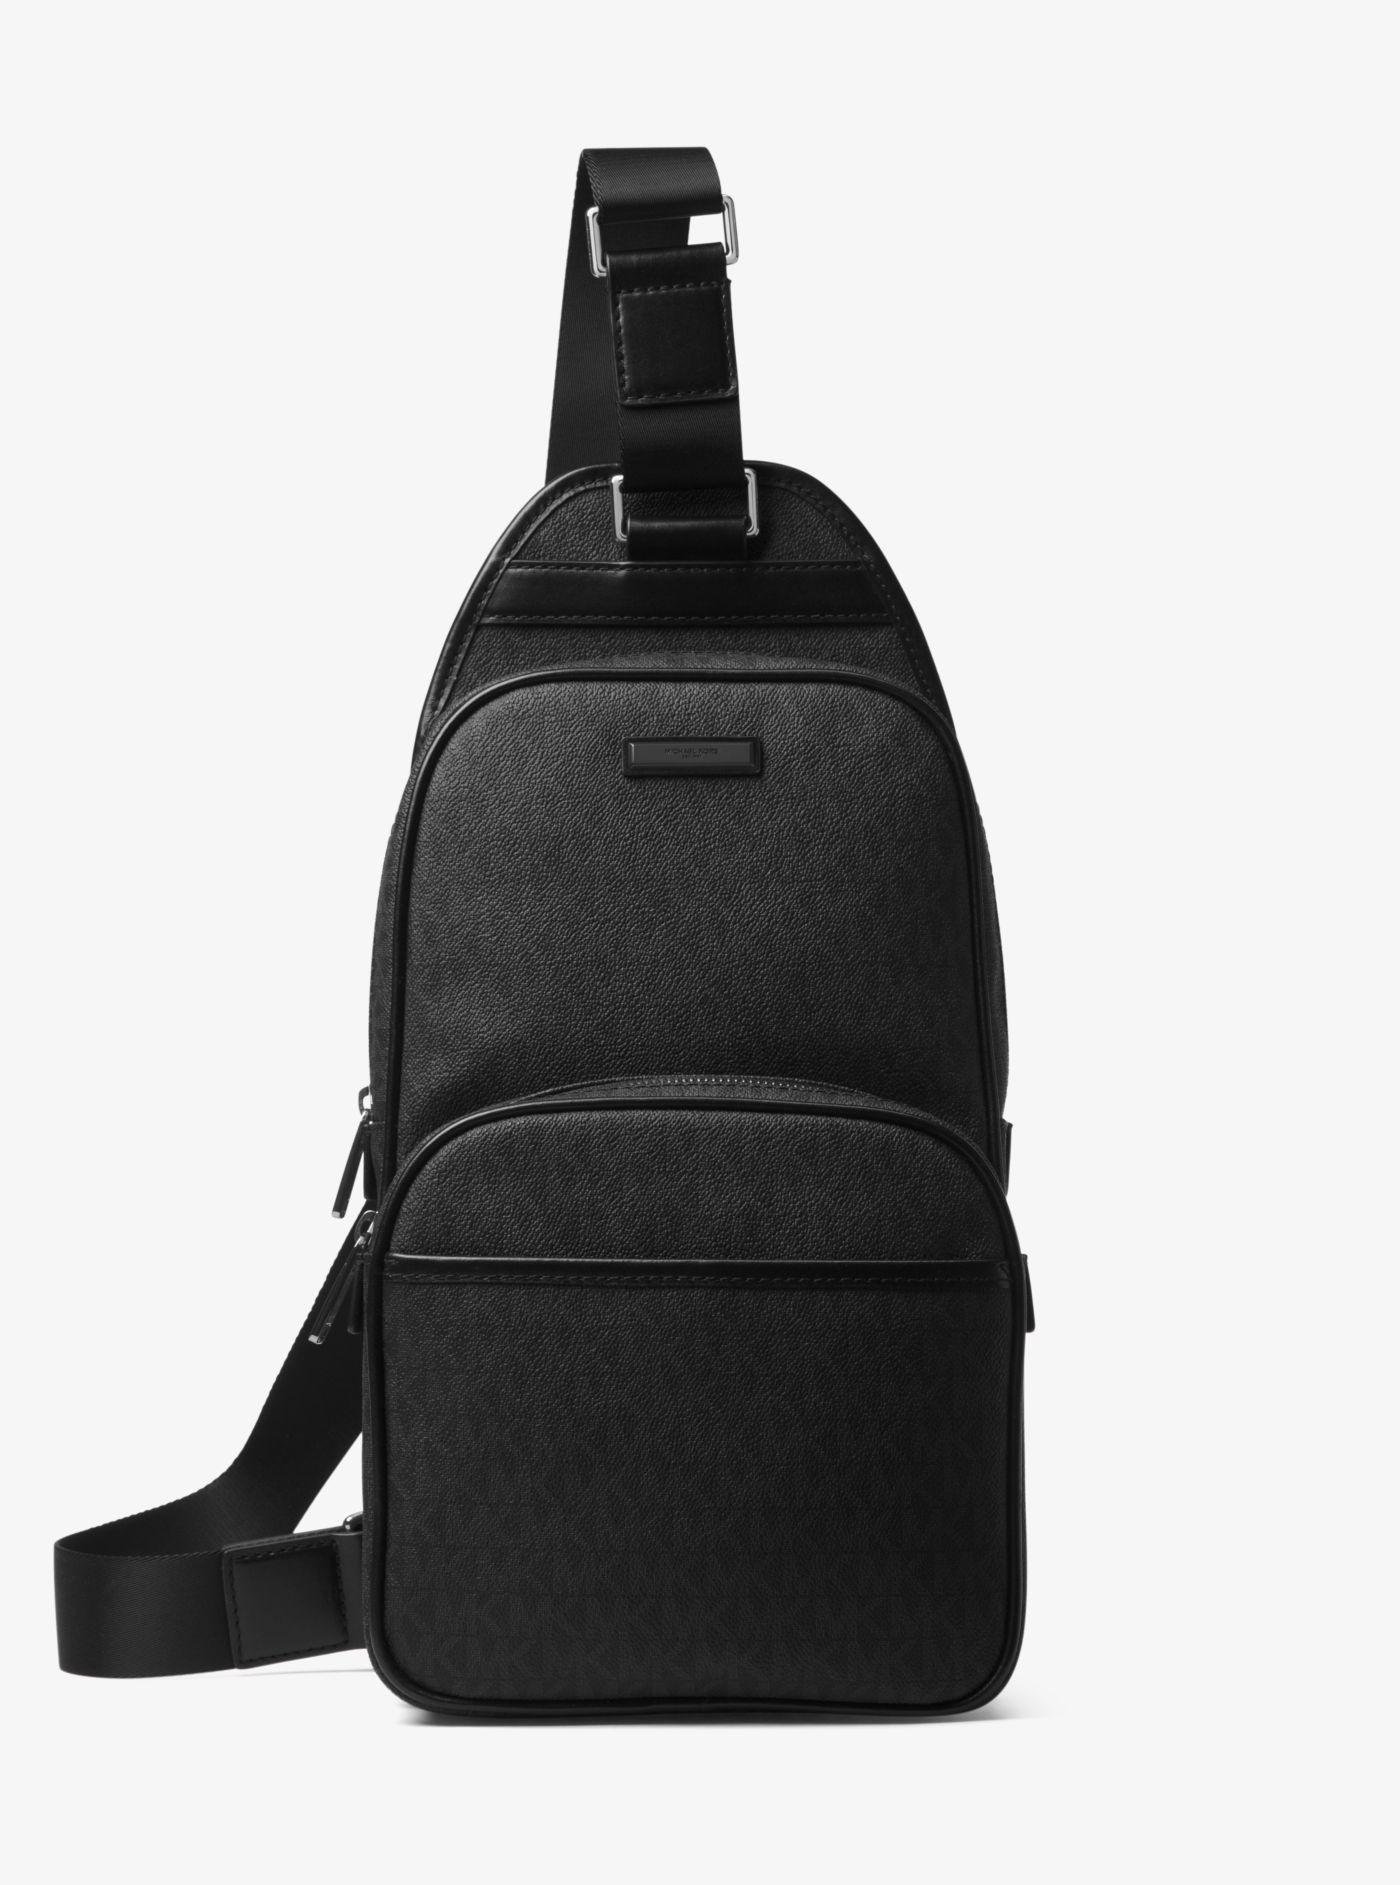 485e1fbc83e5 Lyst - Michael Kors Jet Set Logo Sling Pack in Black for Men